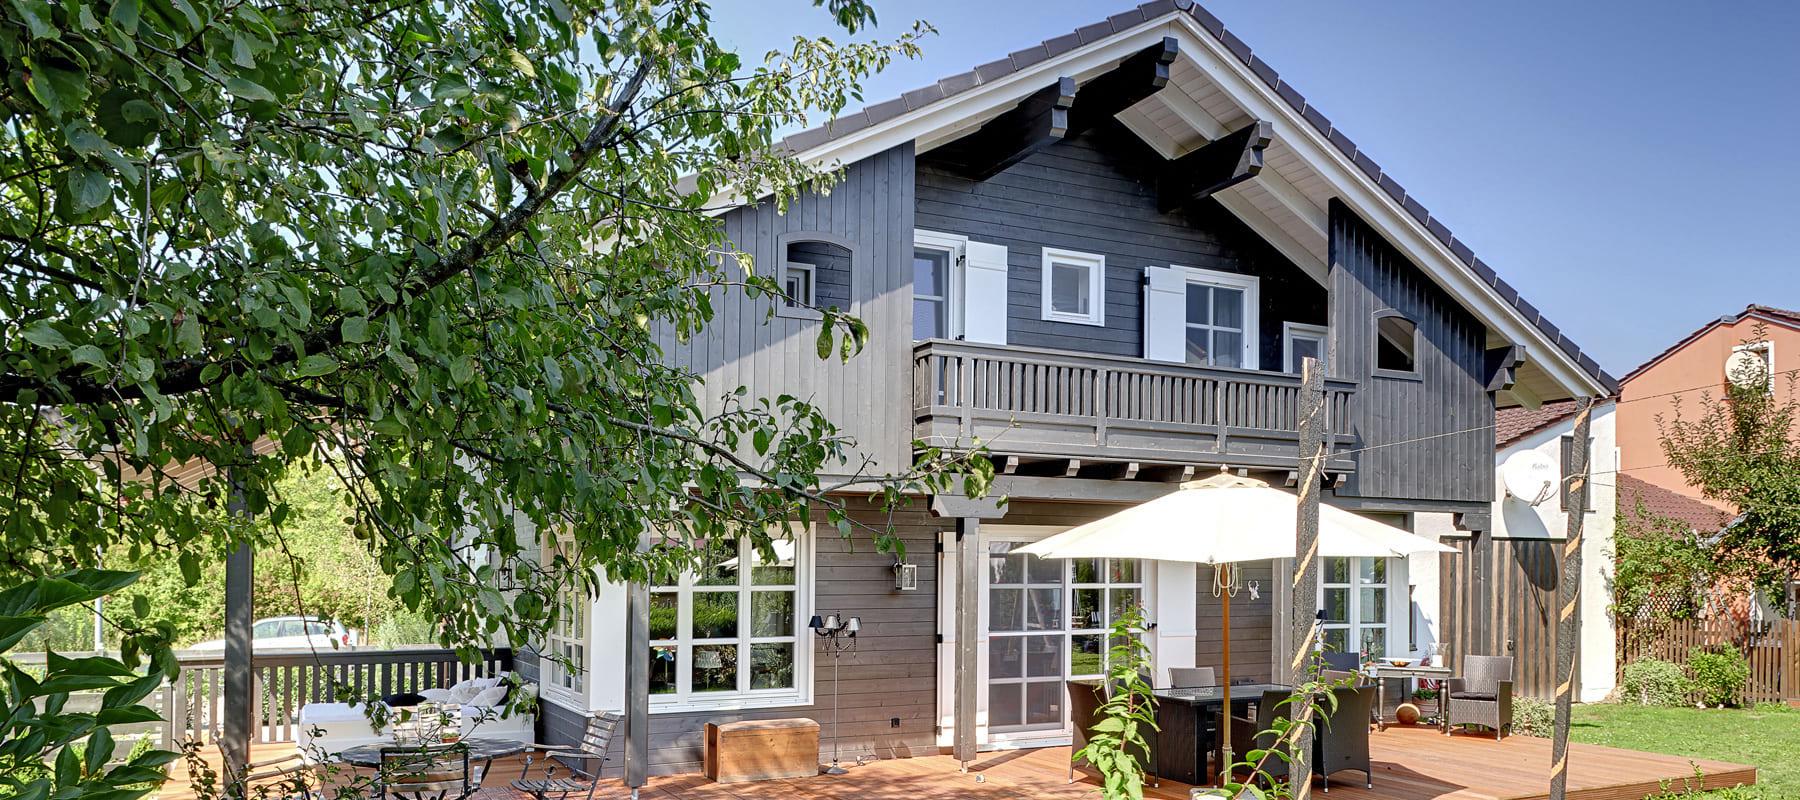 kundenhaus spielberger ein landhaus von bauen sie ihr holzhaus passivhaus. Black Bedroom Furniture Sets. Home Design Ideas